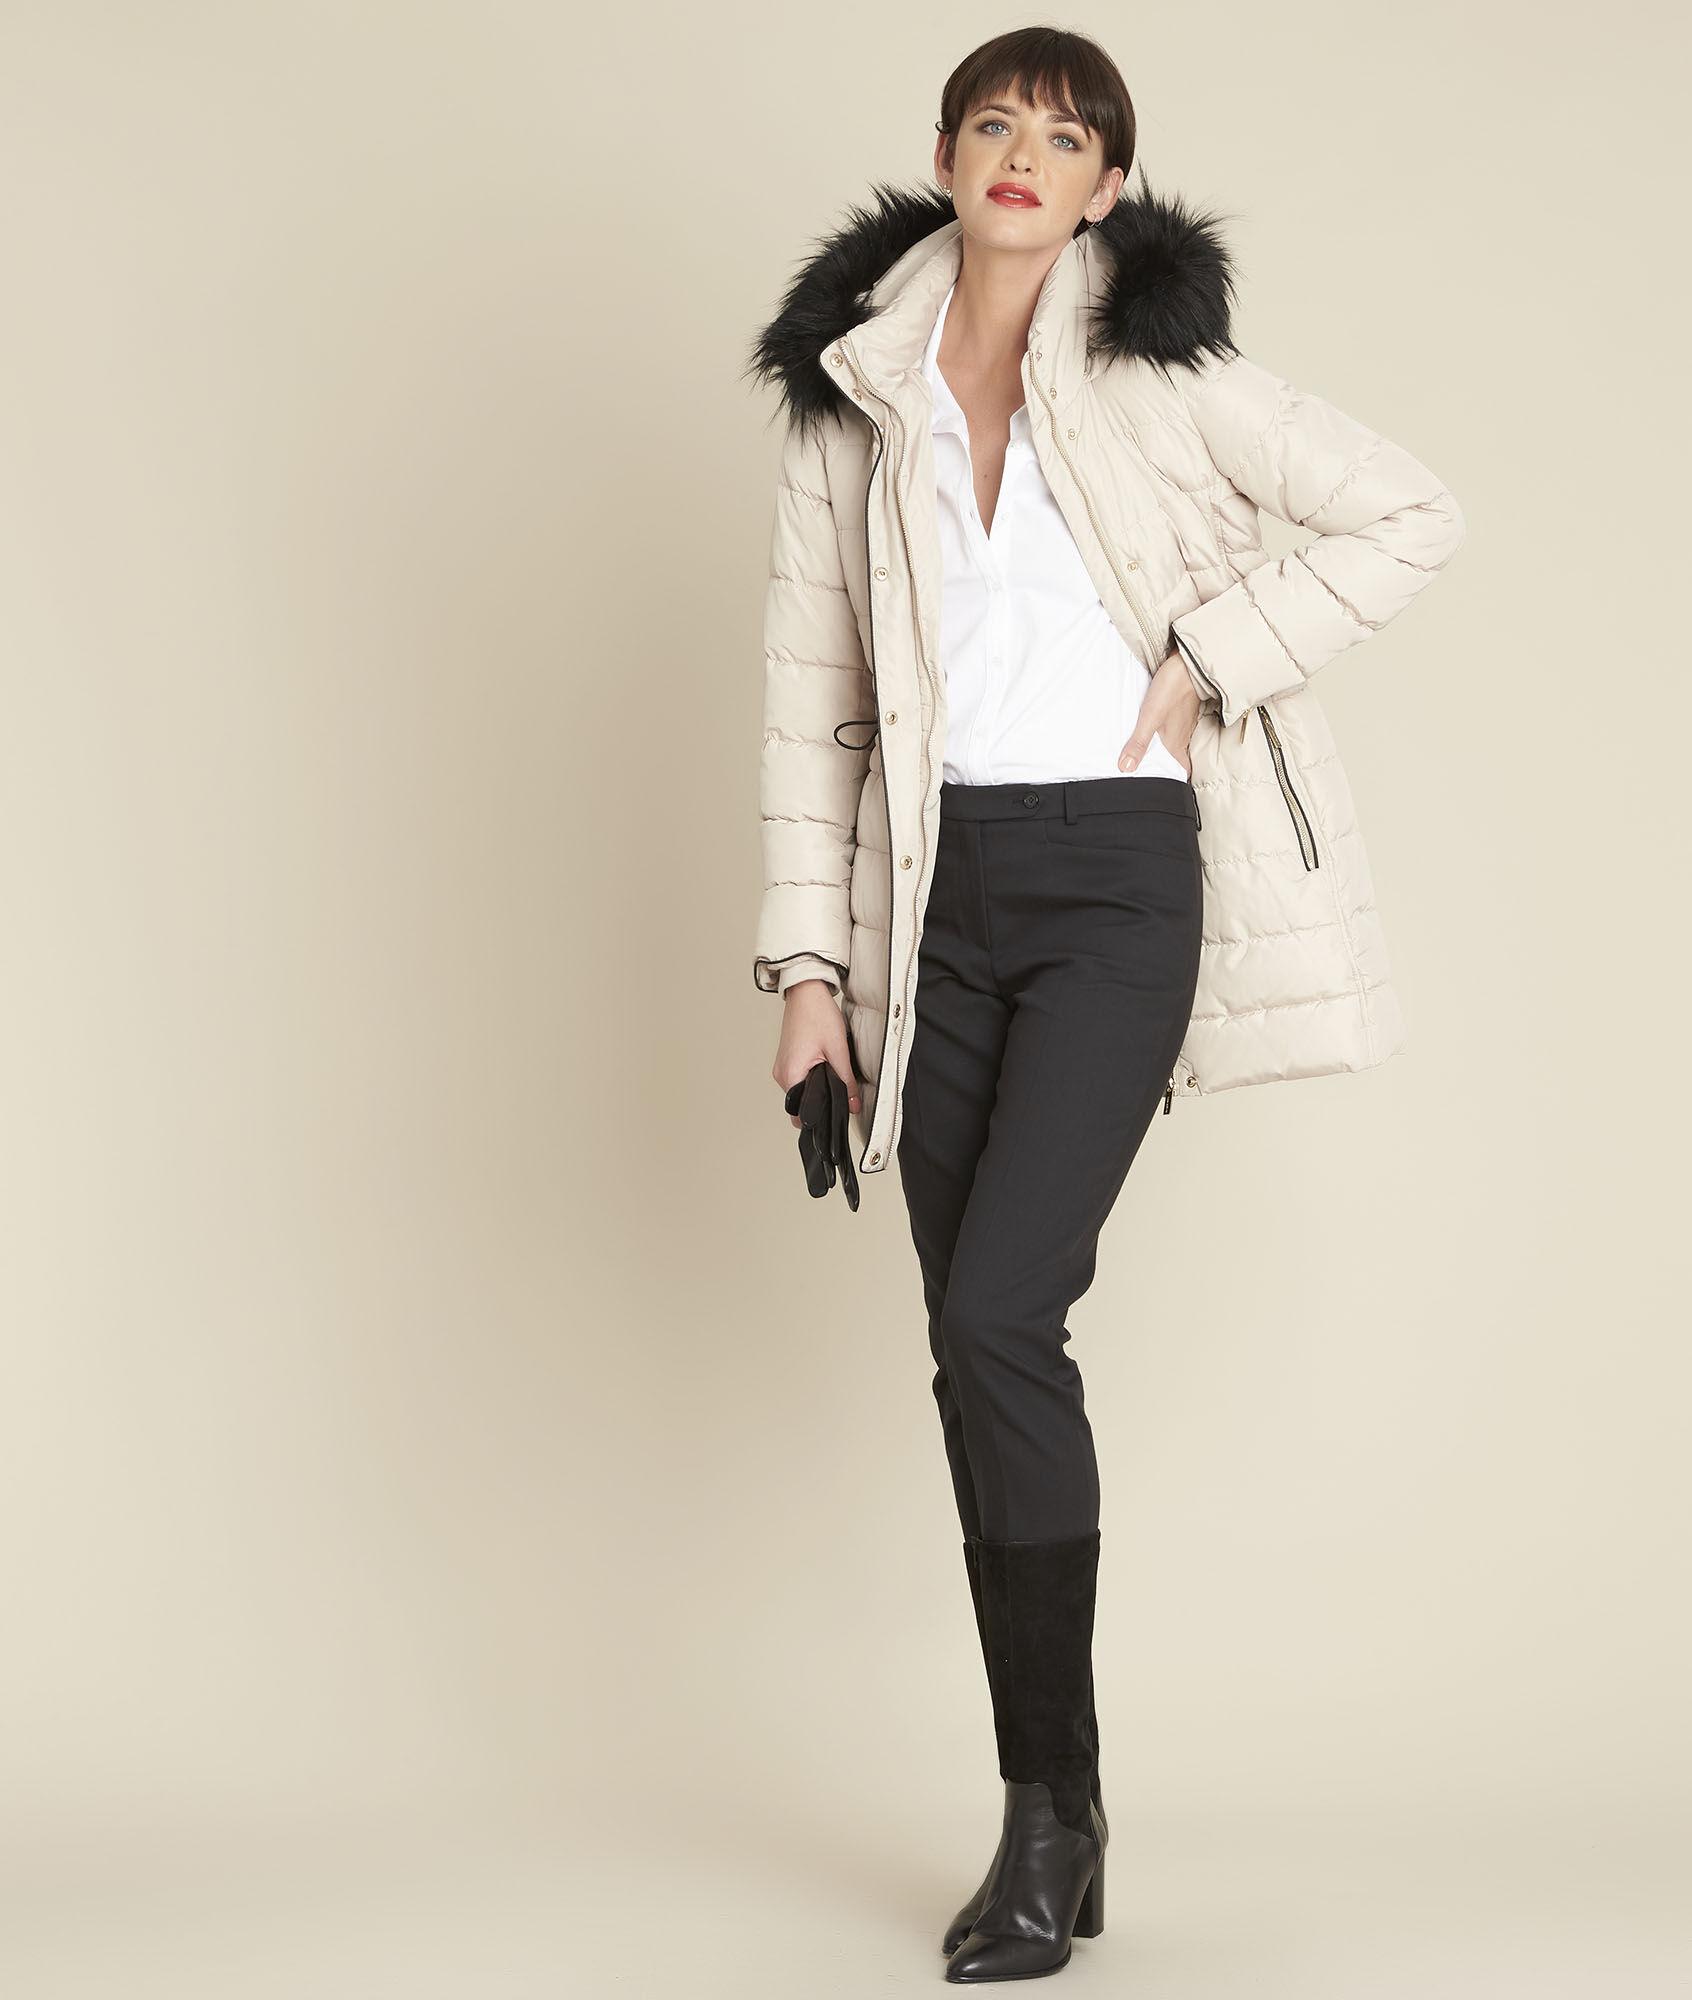 Manteau doudoune femme de marque